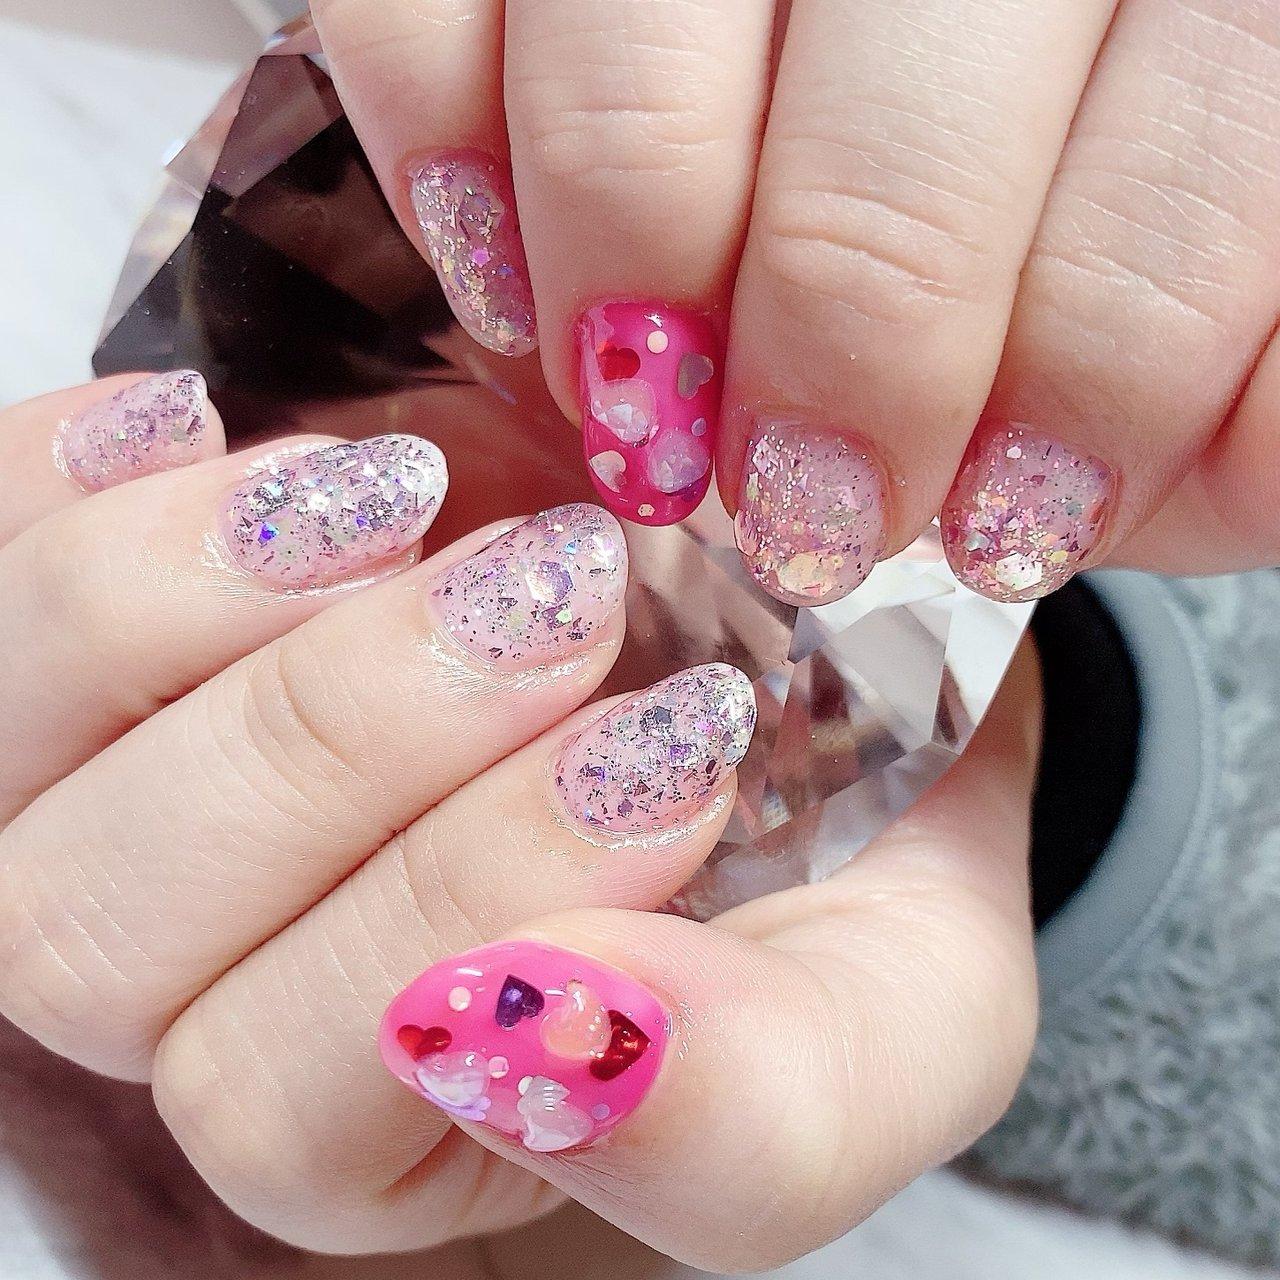 #オールシーズン #バレンタイン #浴衣 #デート #ハンド #シンプル #ラメ #ビジュー #ハート #3D #ショート #ピンク #レッド #メタリック #ジェル #お客様 #nail &eyelash ちゅら #ネイルブック